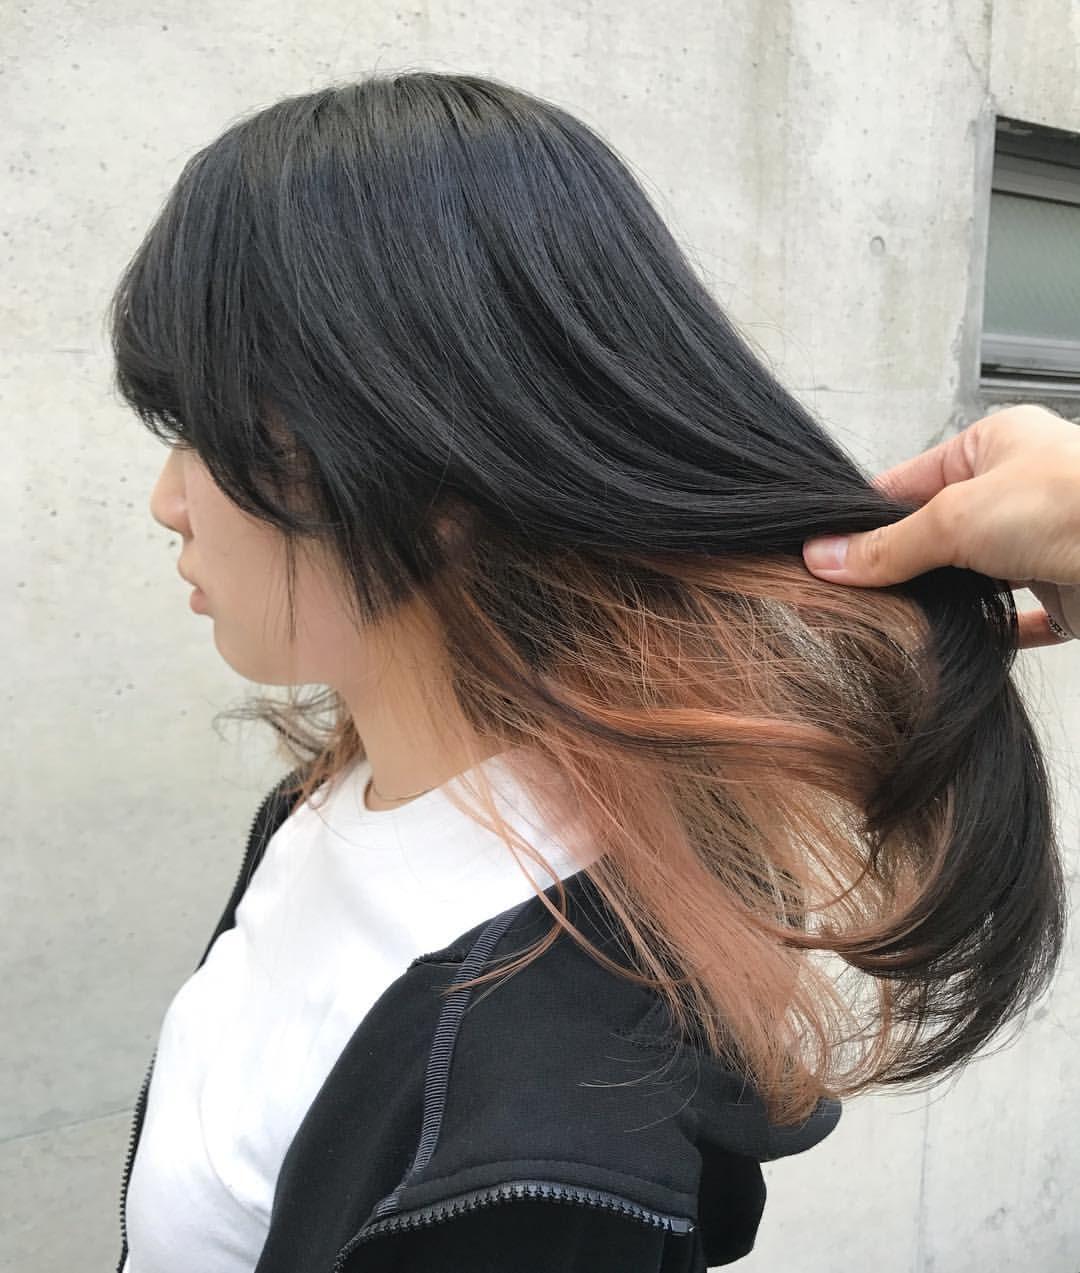 インナーカラー オレンジ ベージュ 髪色 オレンジ オレンジ ヘア